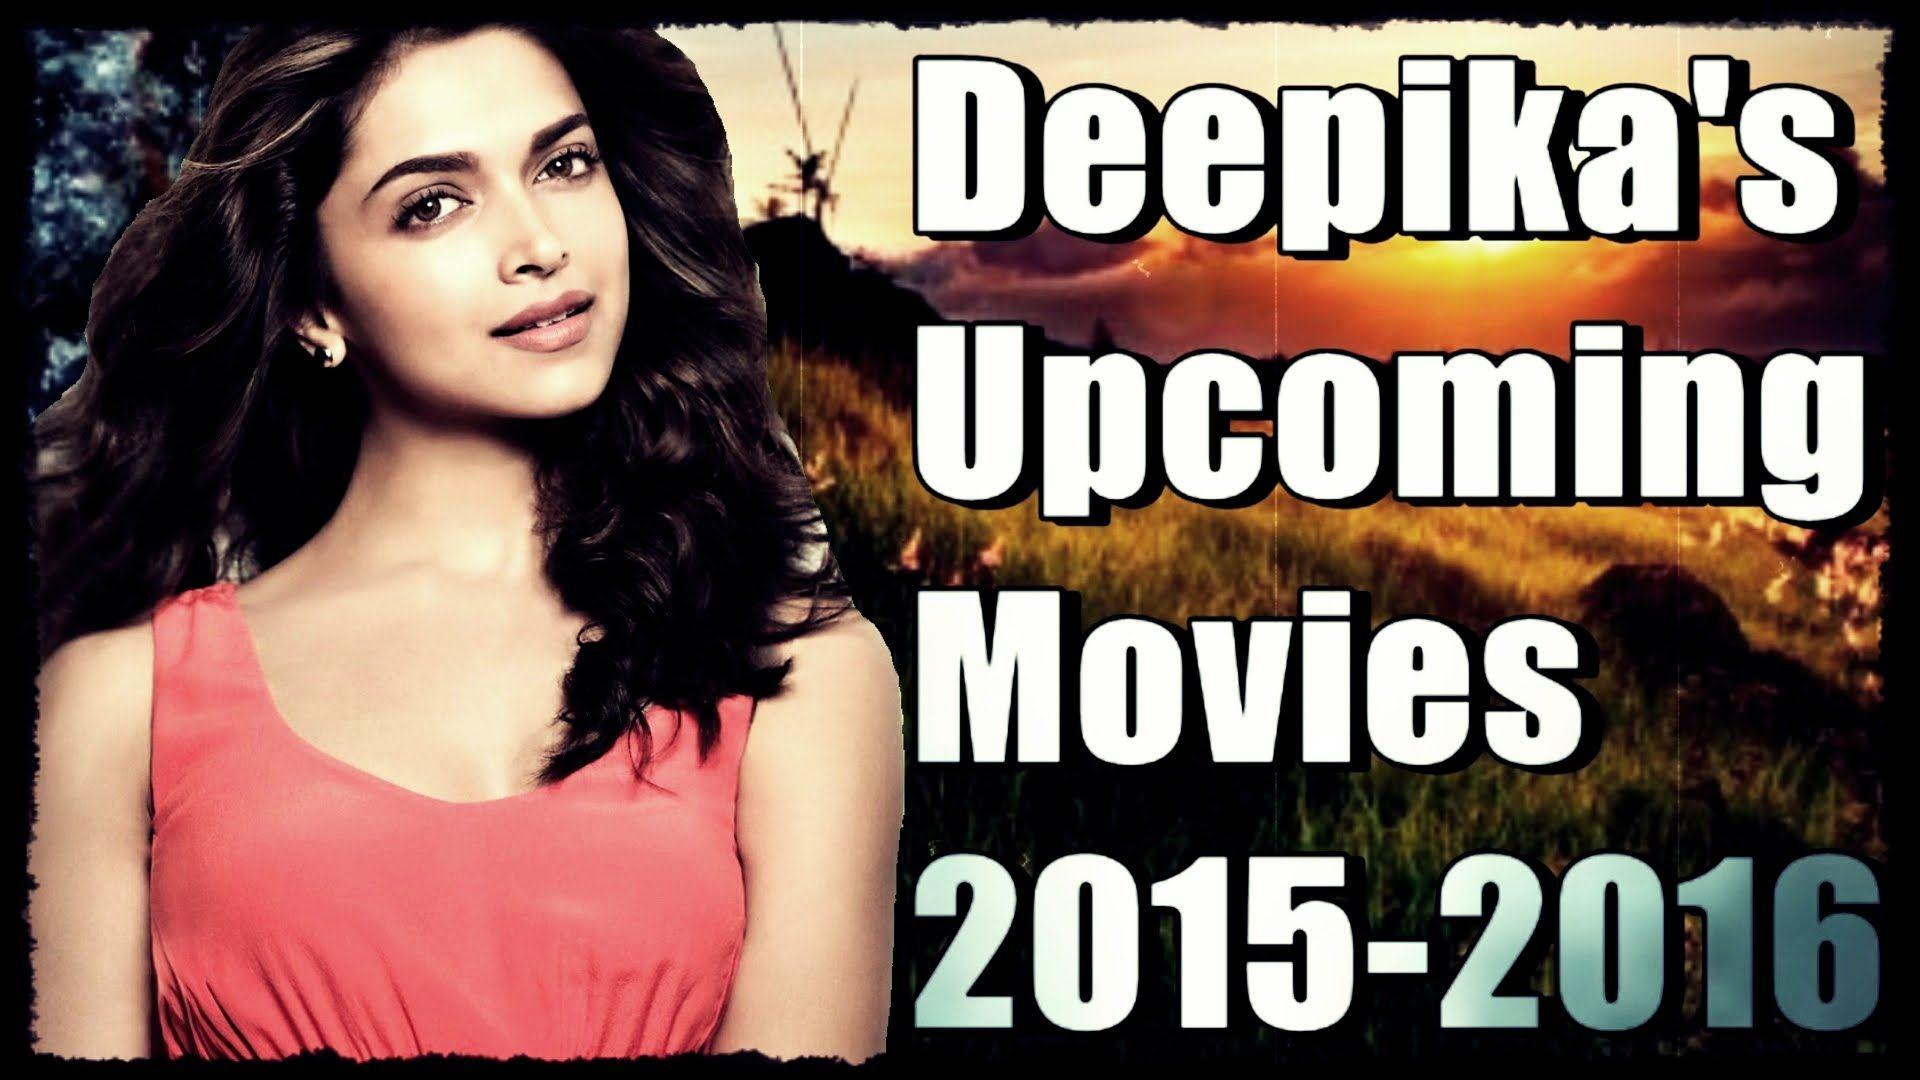 Deepika Padukone Upcoming Movies 2015 2016 2015 Movies Upcoming Movies Movies 2016